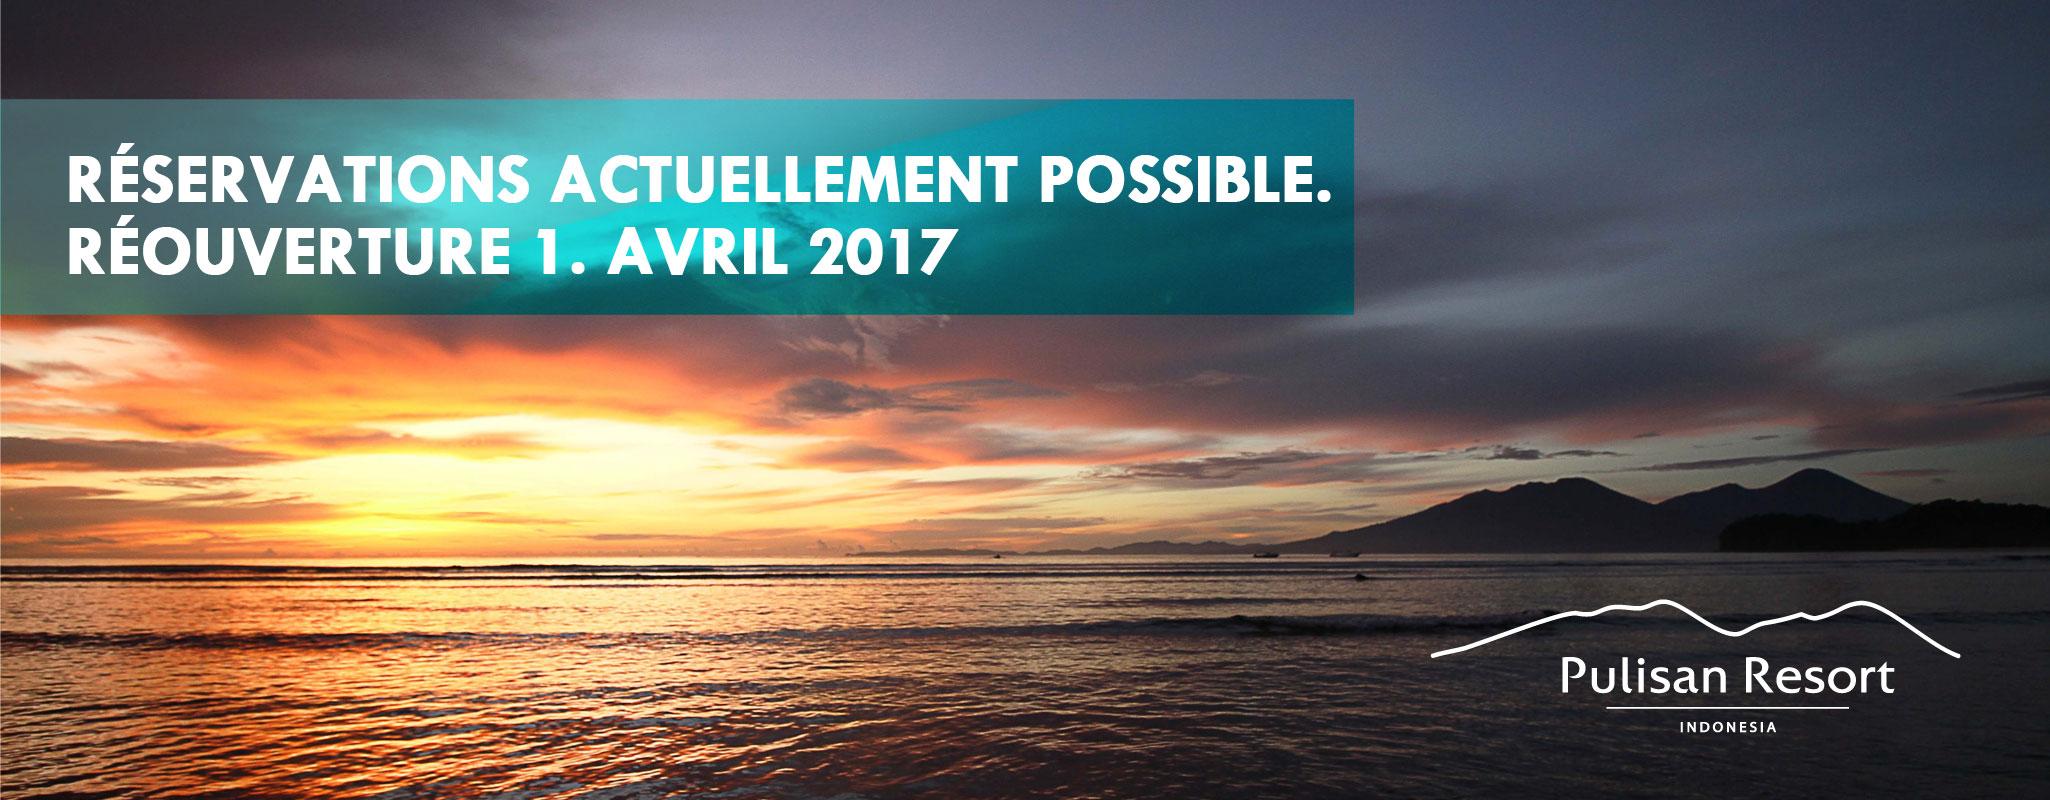 RÉSERVATIONS ACTUELLEMENT POSSIBLE. RÉOUVERTURE 1. AVRIL 2017